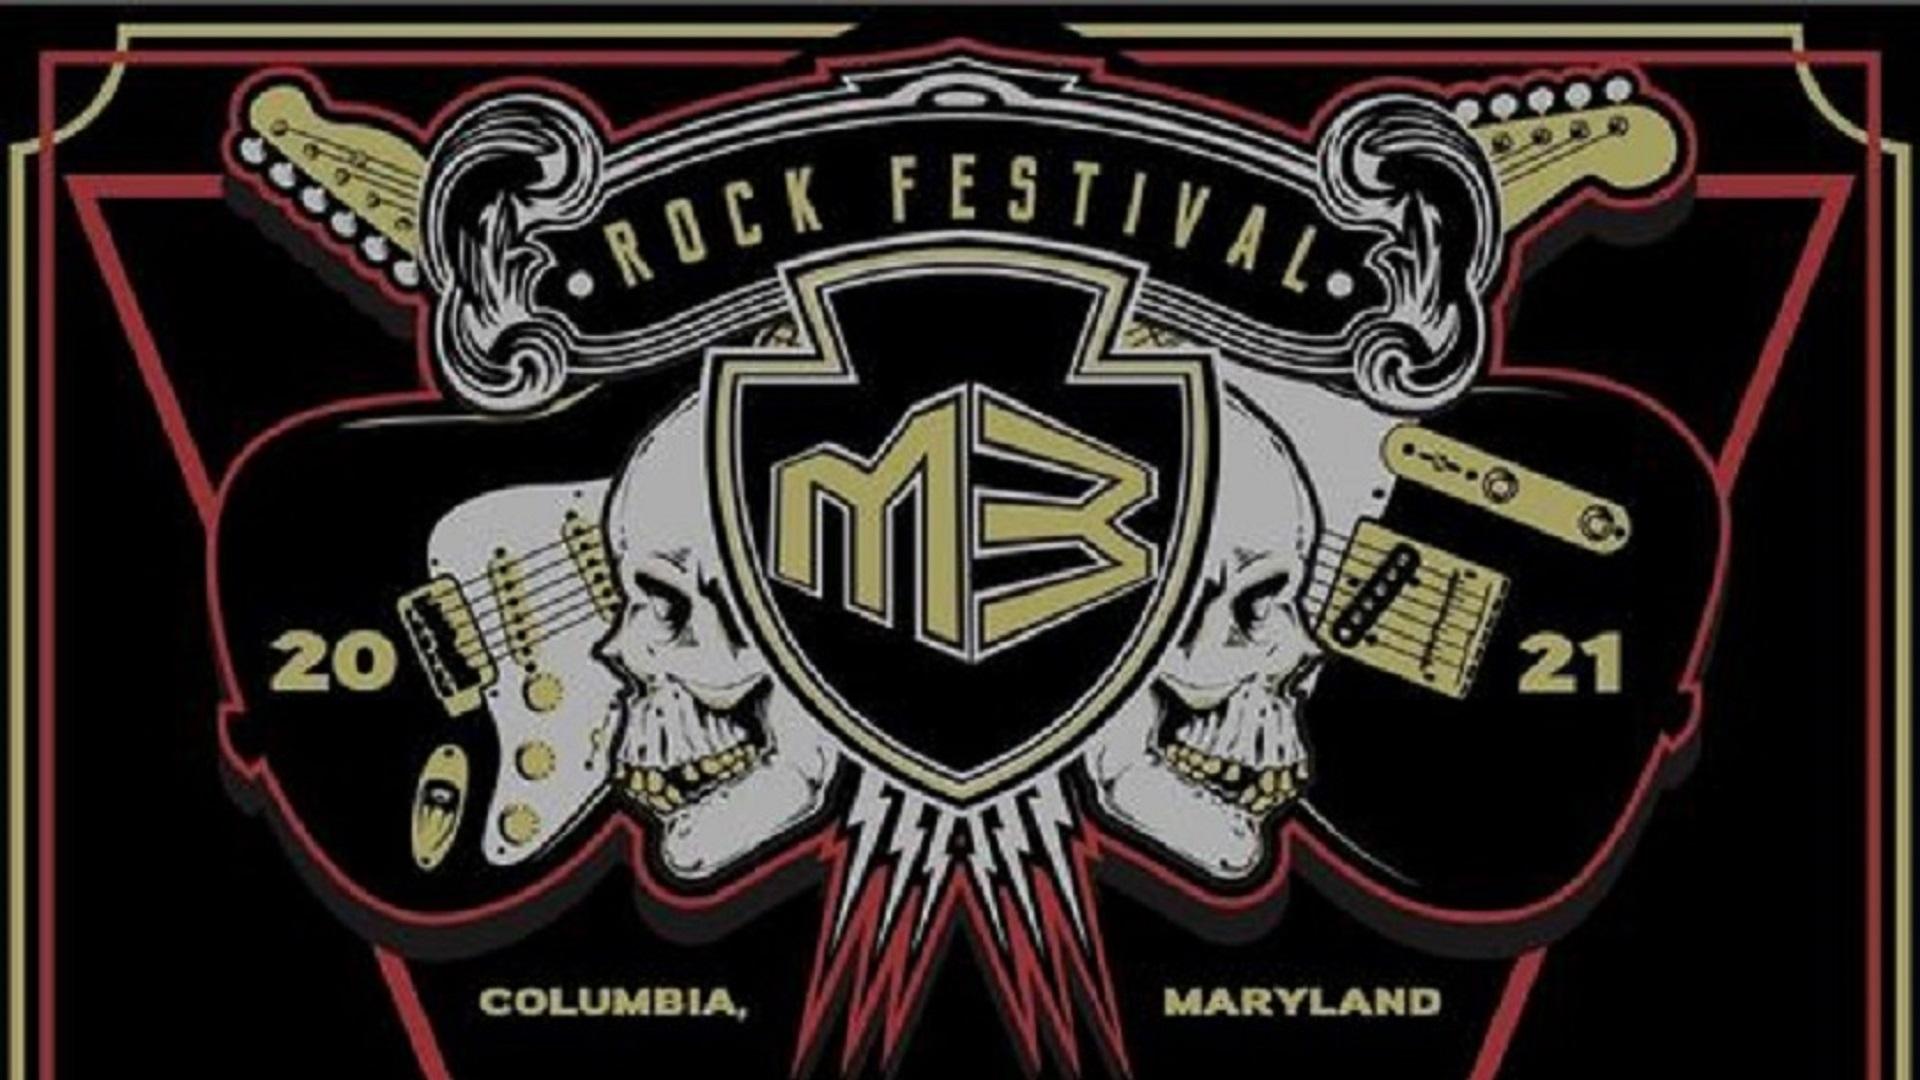 2021 M3 Rock Festival – Official Announcement